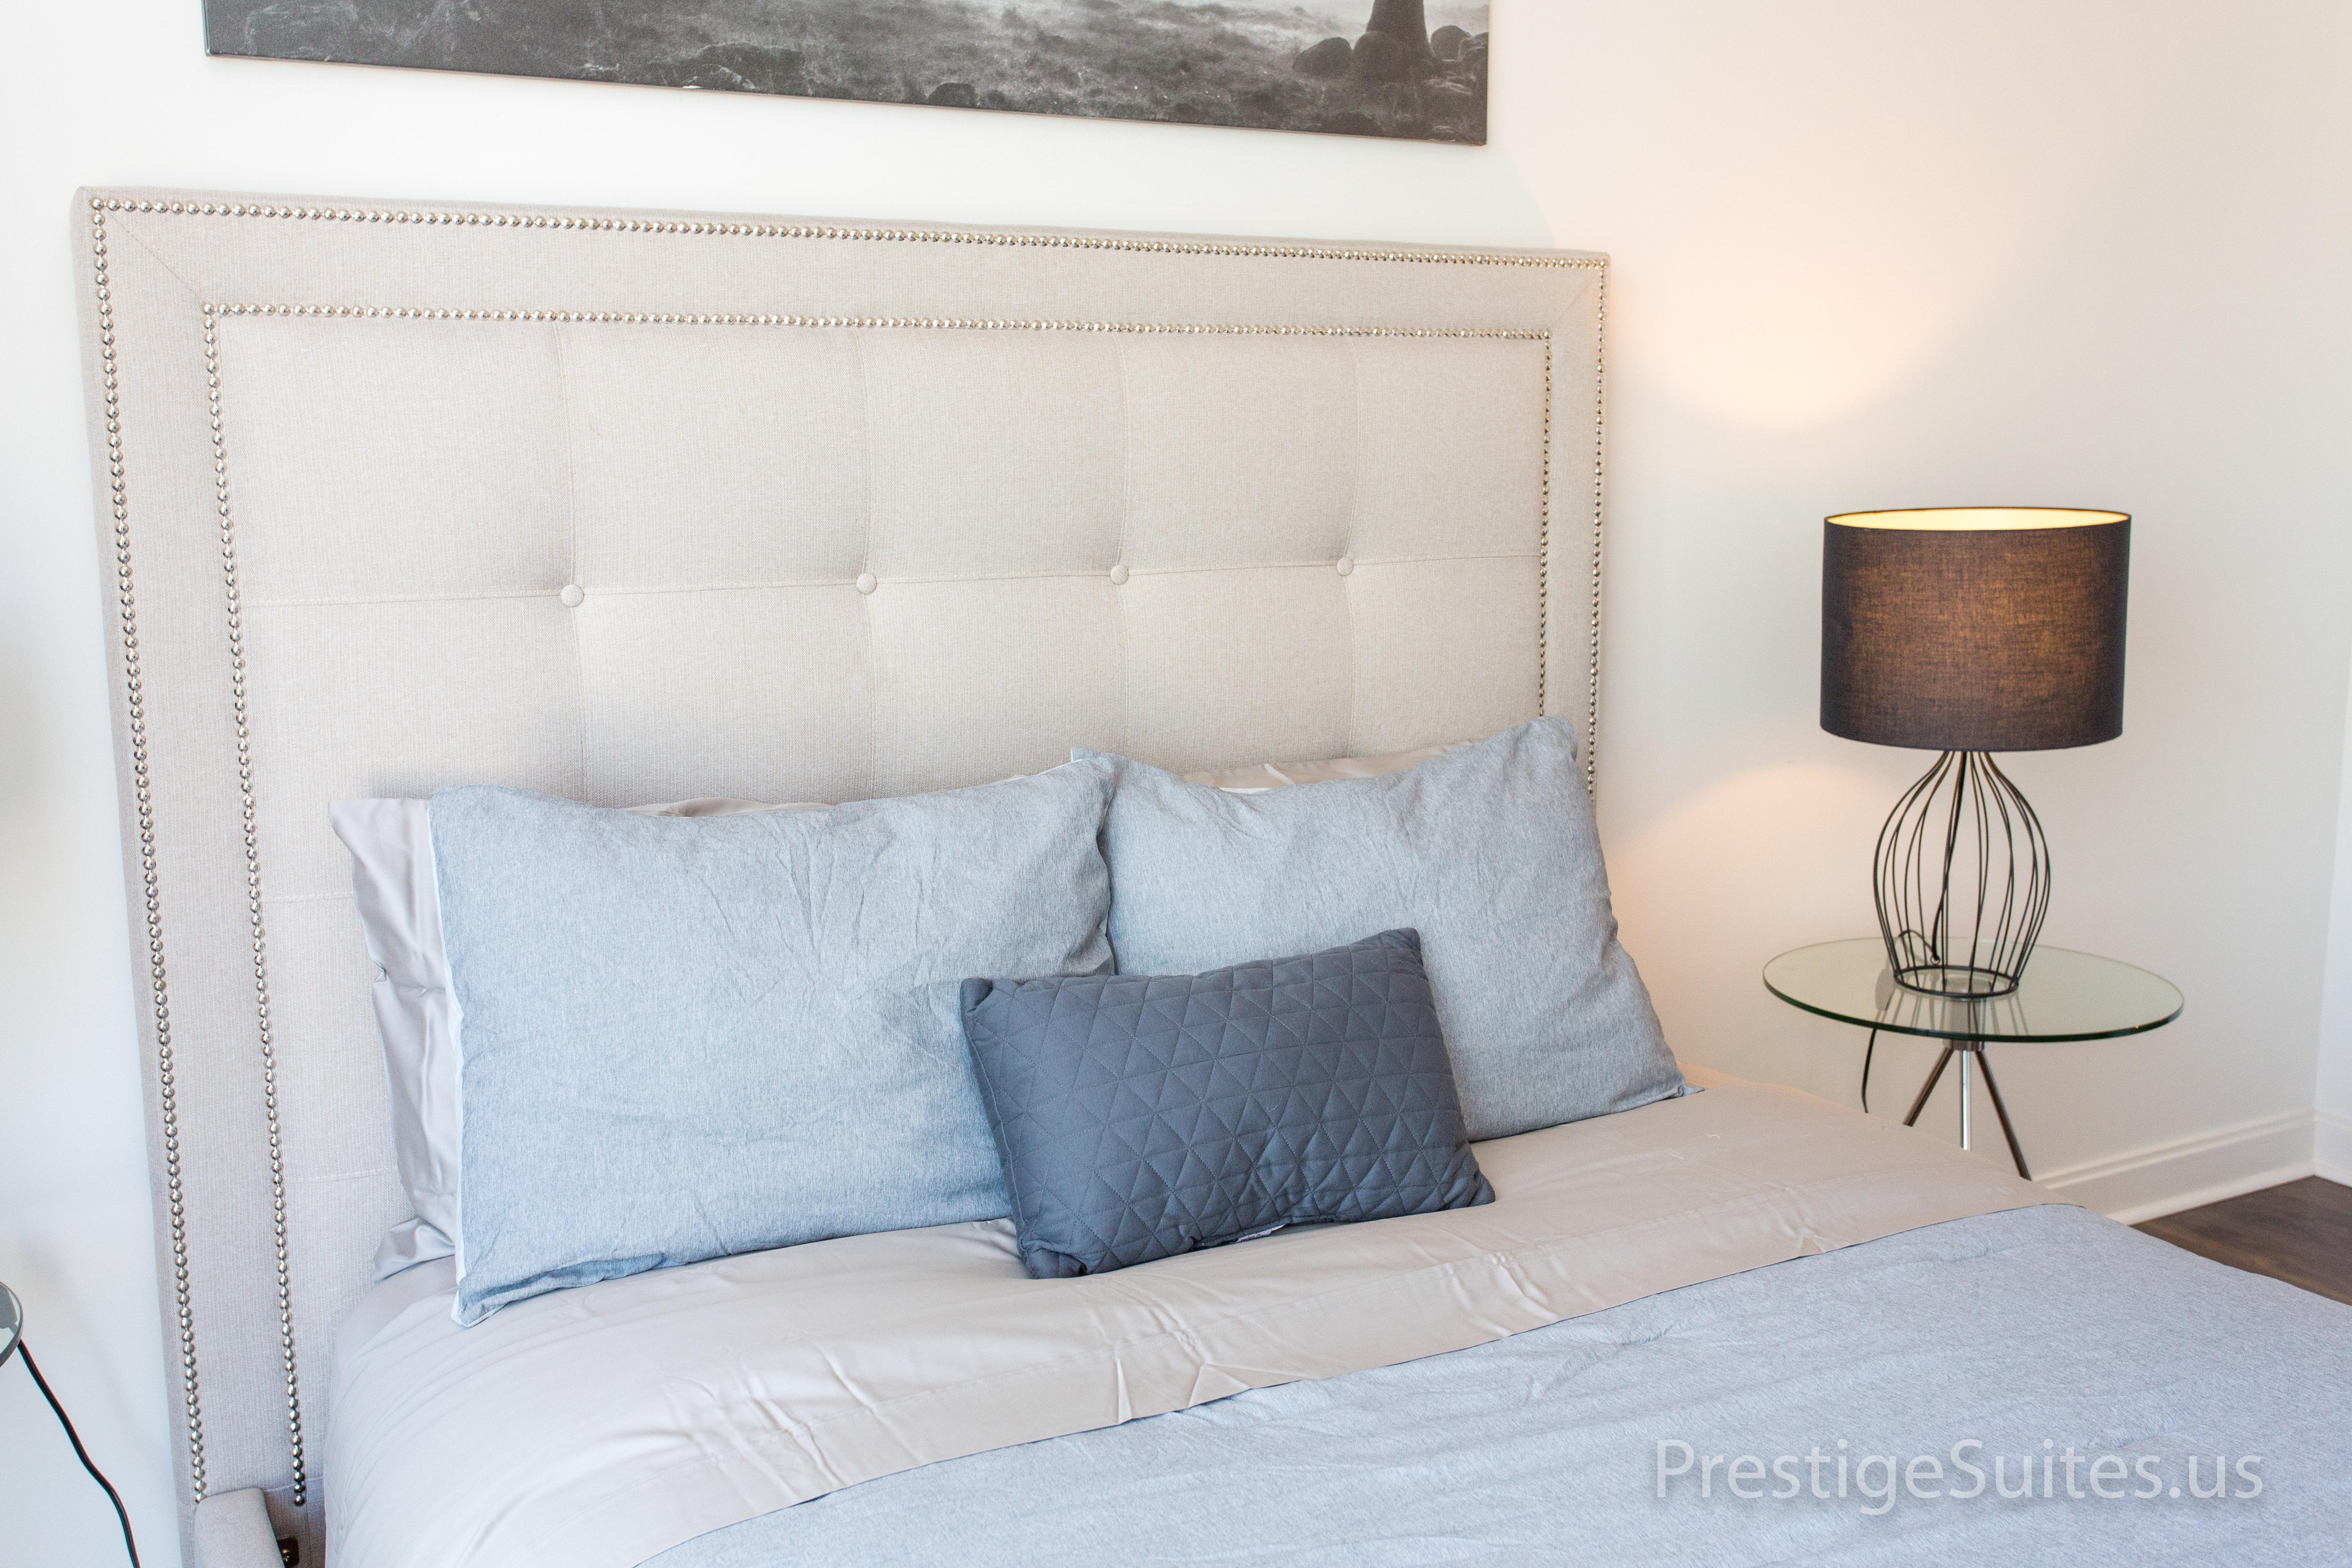 Prestige Suites 111 W Wacker 3904_027